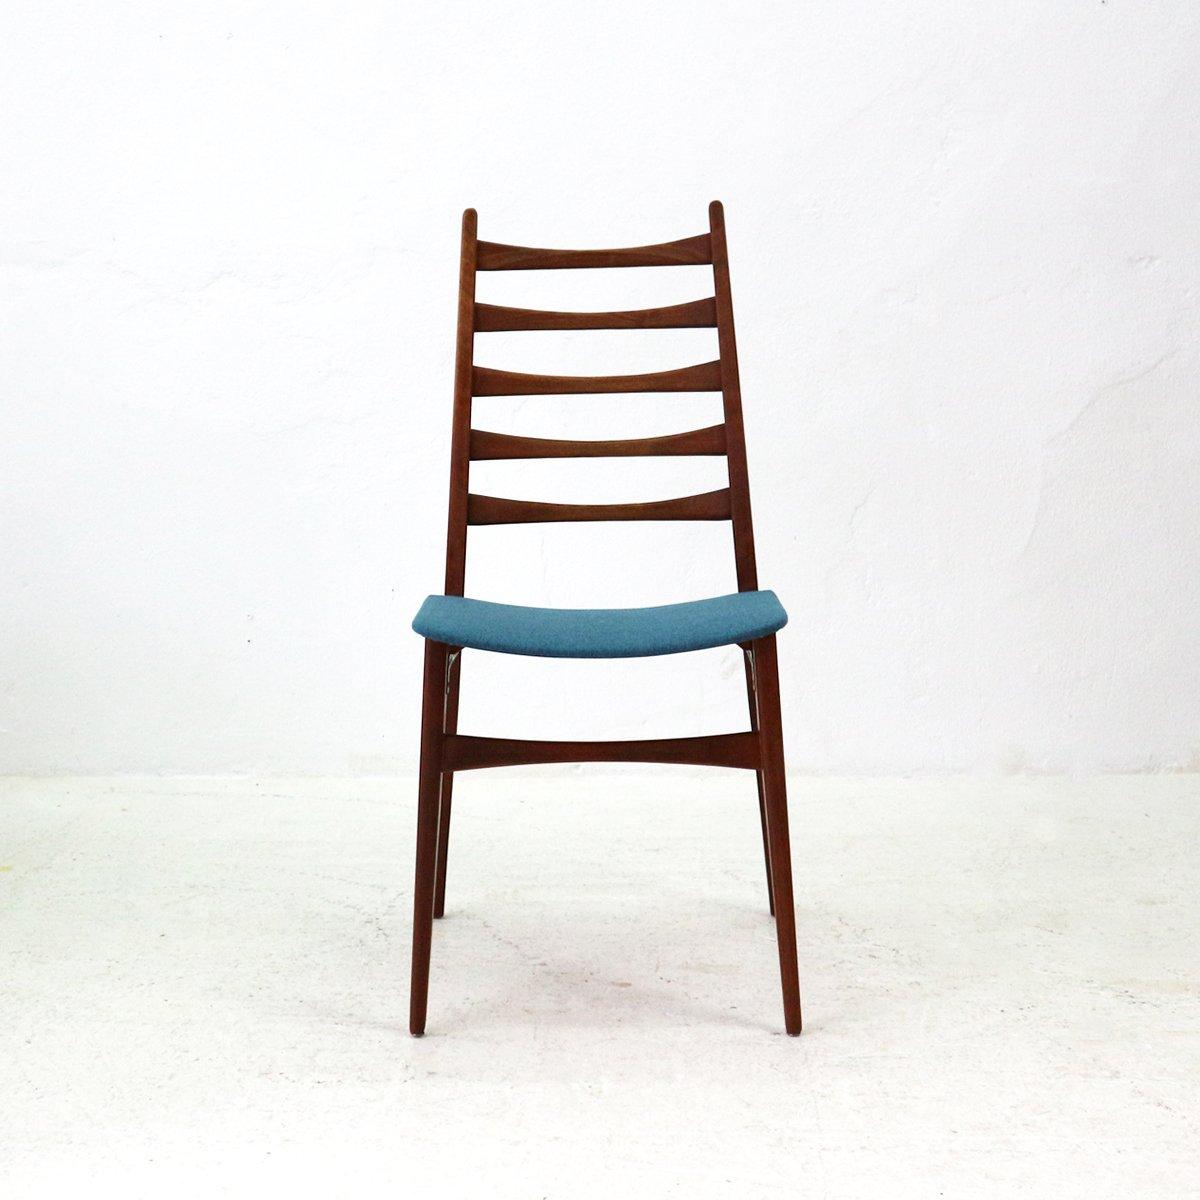 chaise en teck tapiss e bleu p trole 1960s en vente sur pamono. Black Bedroom Furniture Sets. Home Design Ideas